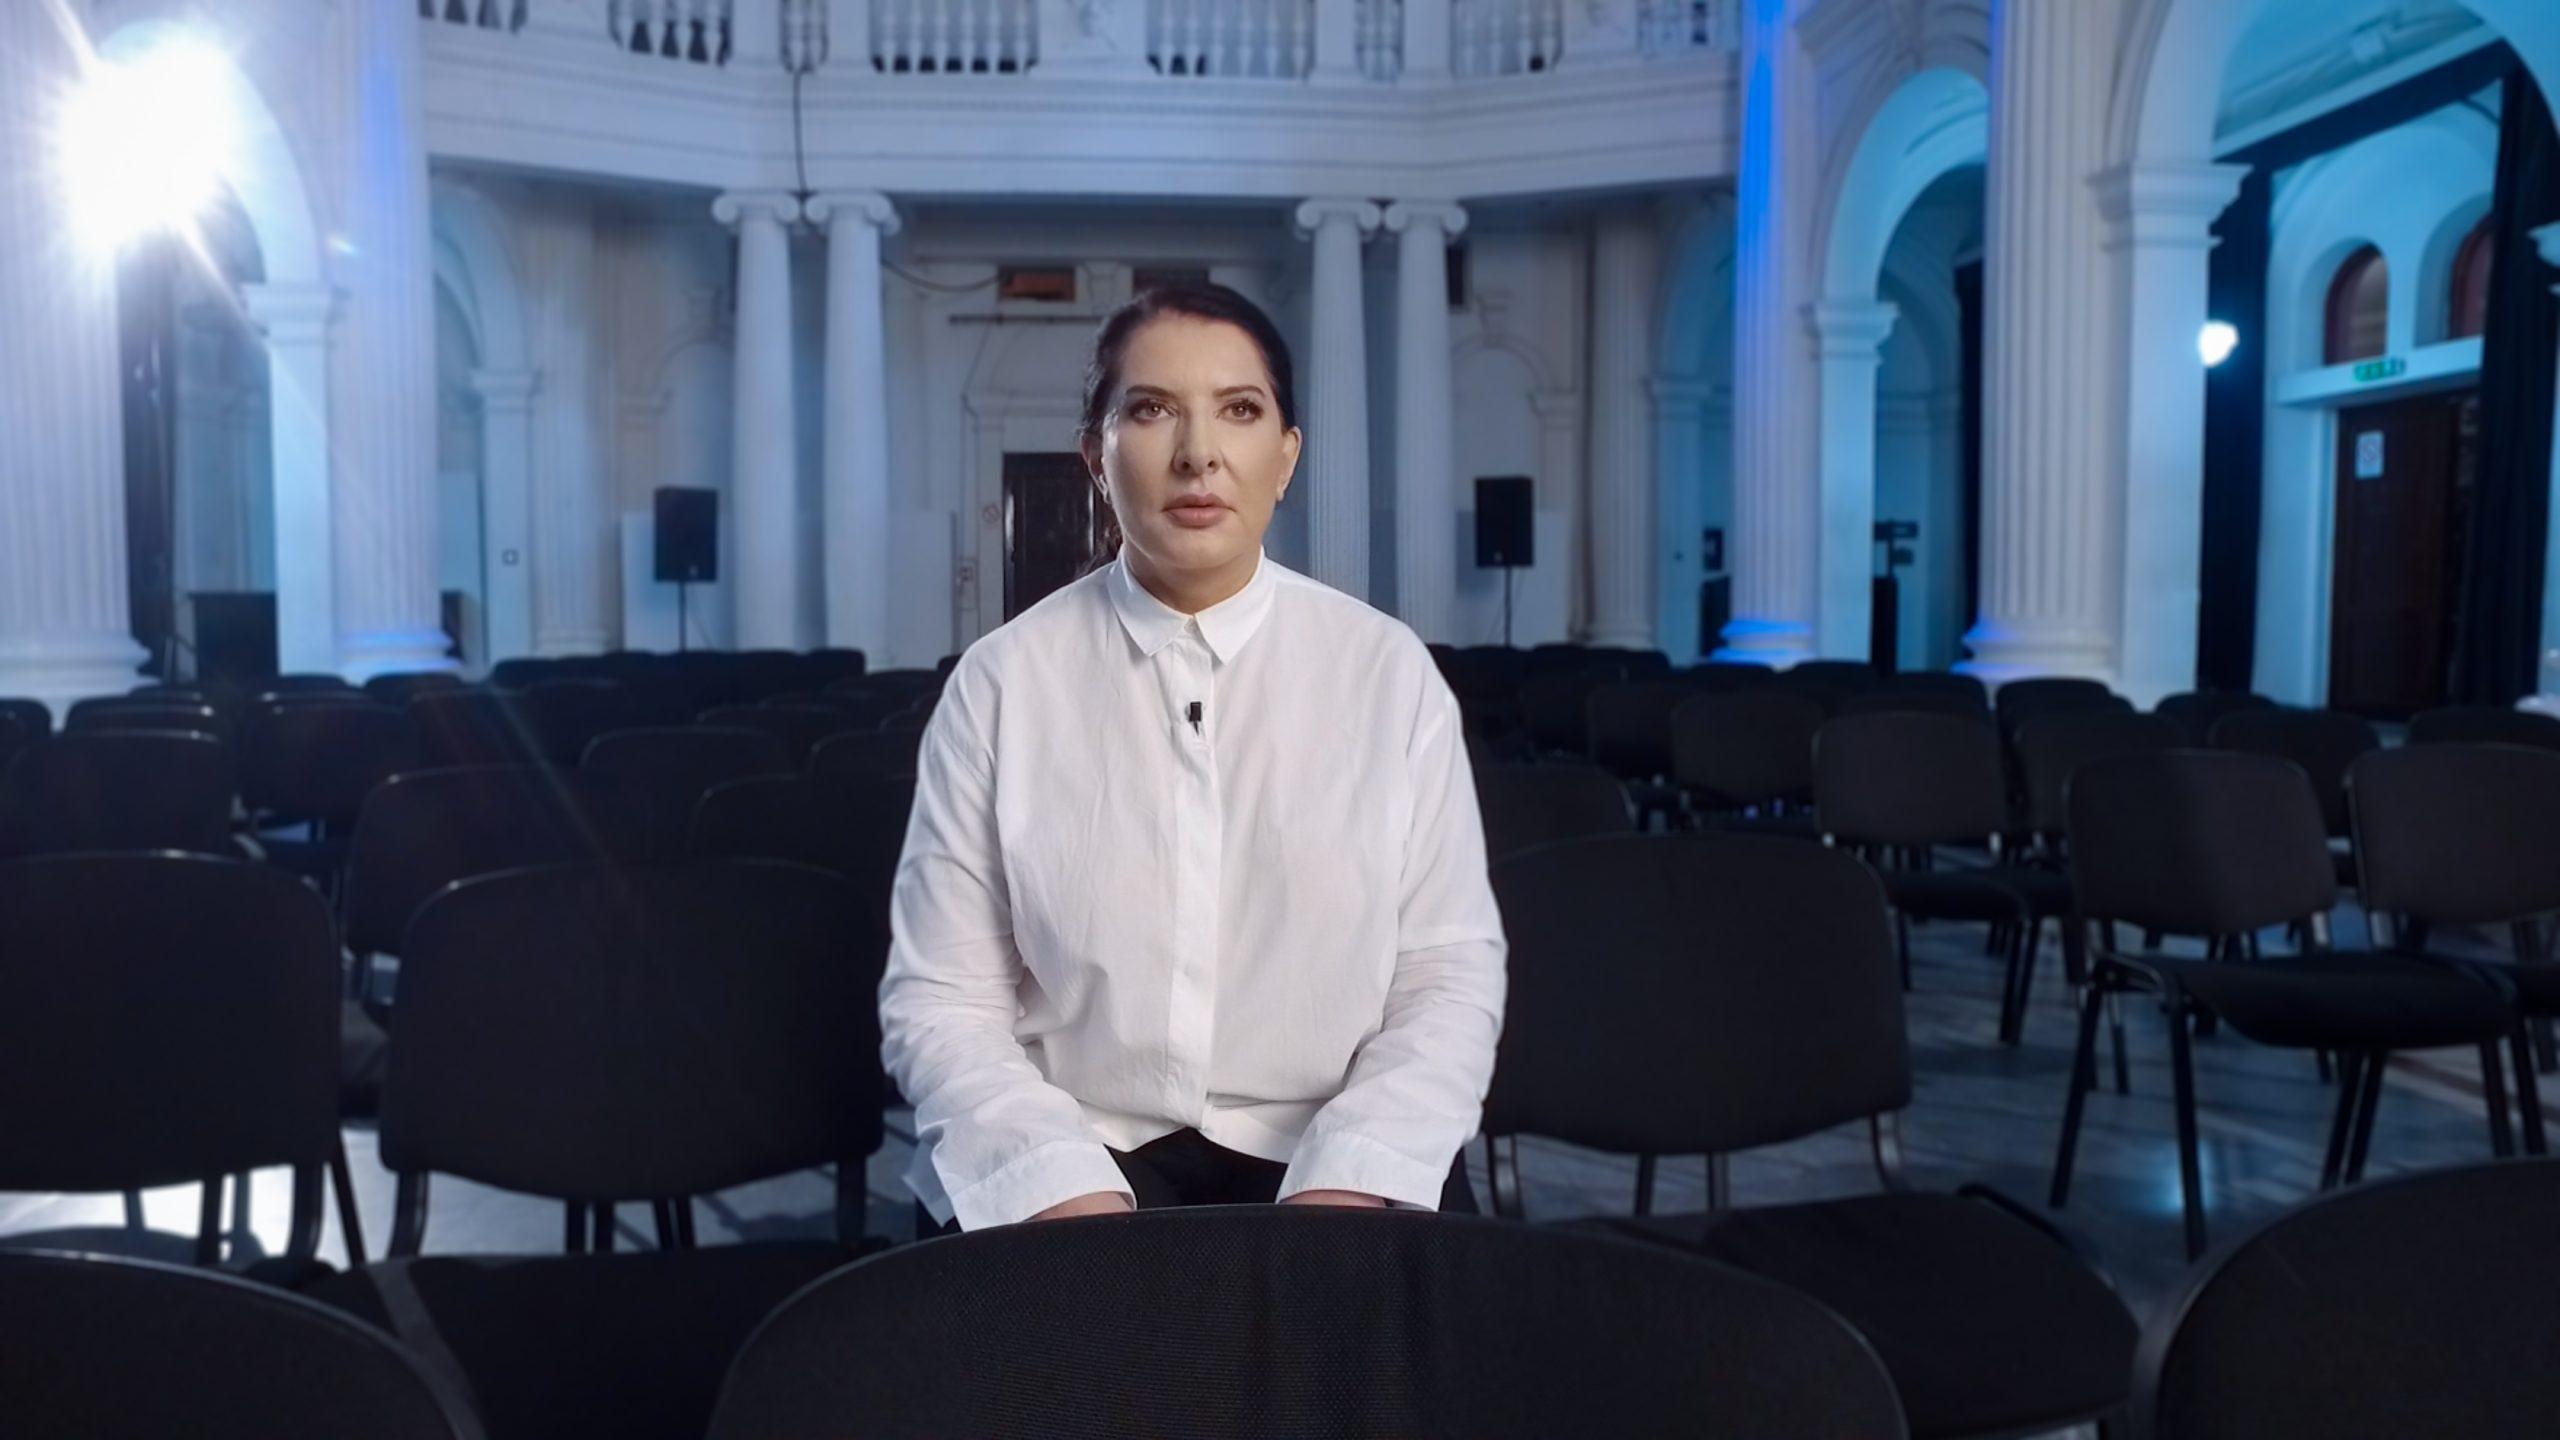 HOMECOMING: MARINA ABRAMOVIĆ AND HER CHILDREN